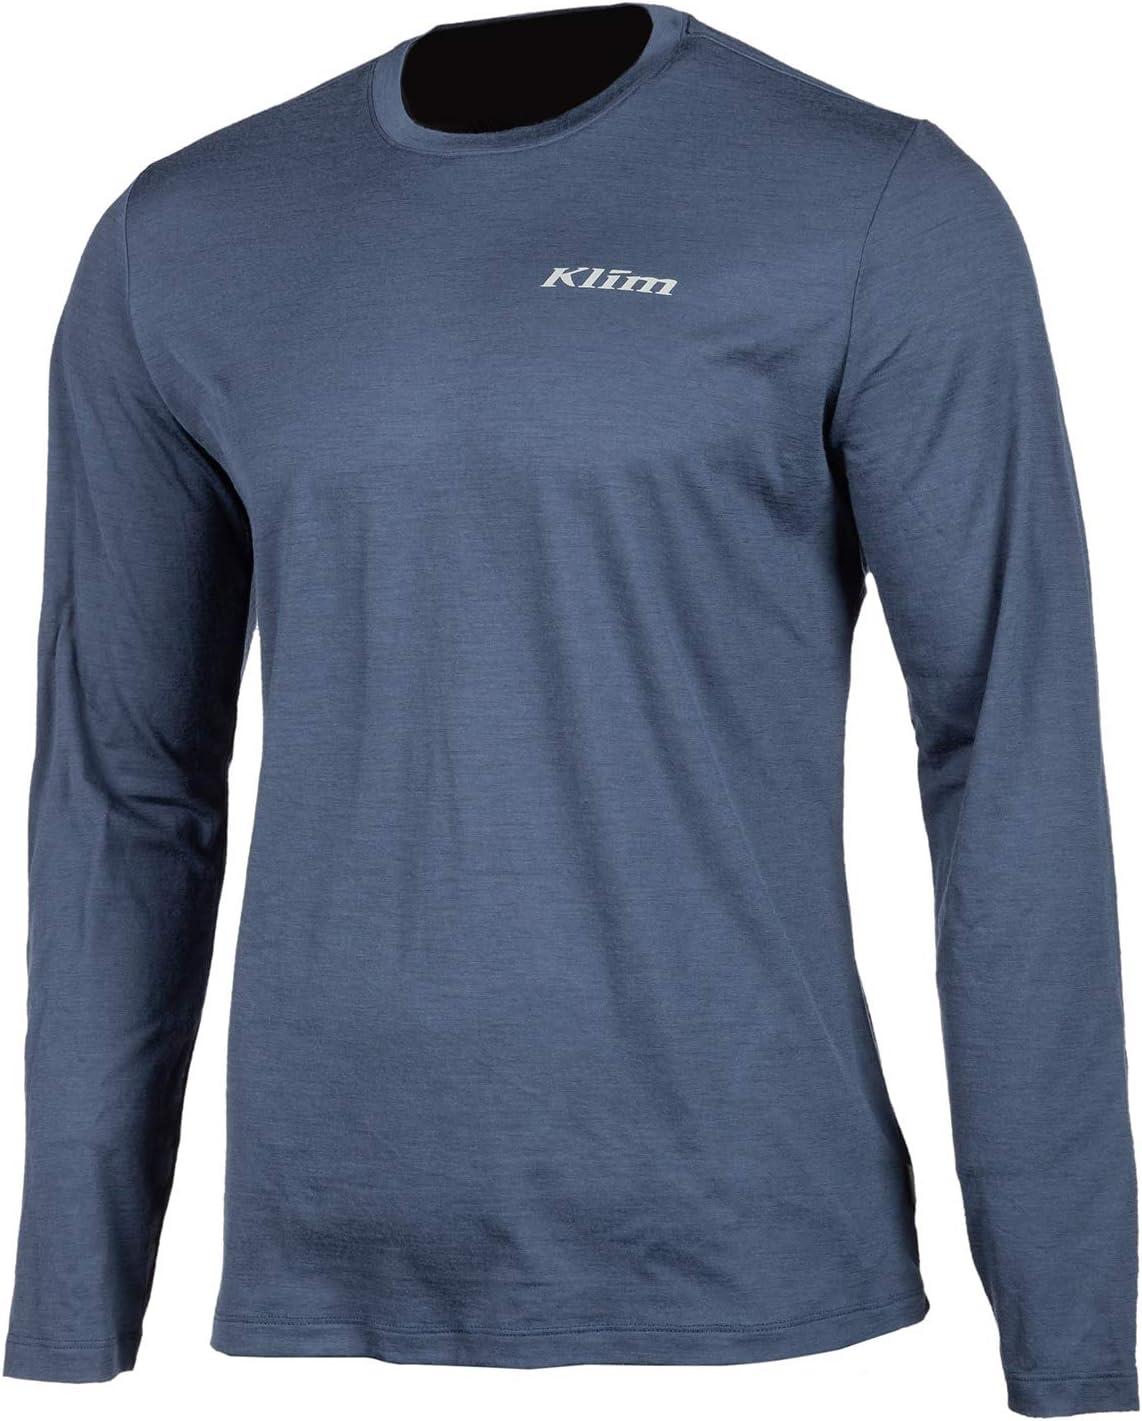 KLIM Teton Merino Wool LS Shirt XL Asphalt